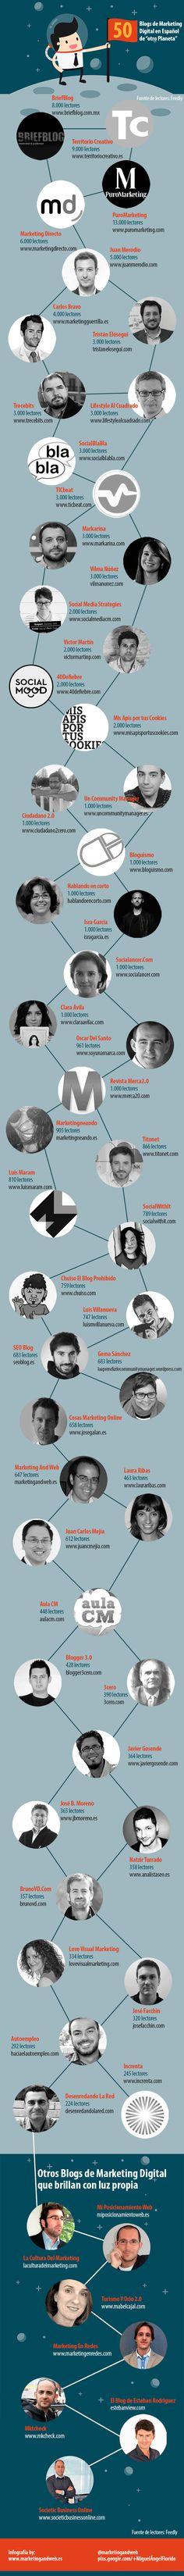 Los mejores blogs de marketing digita en español. Infografía en español. #CommunityManager